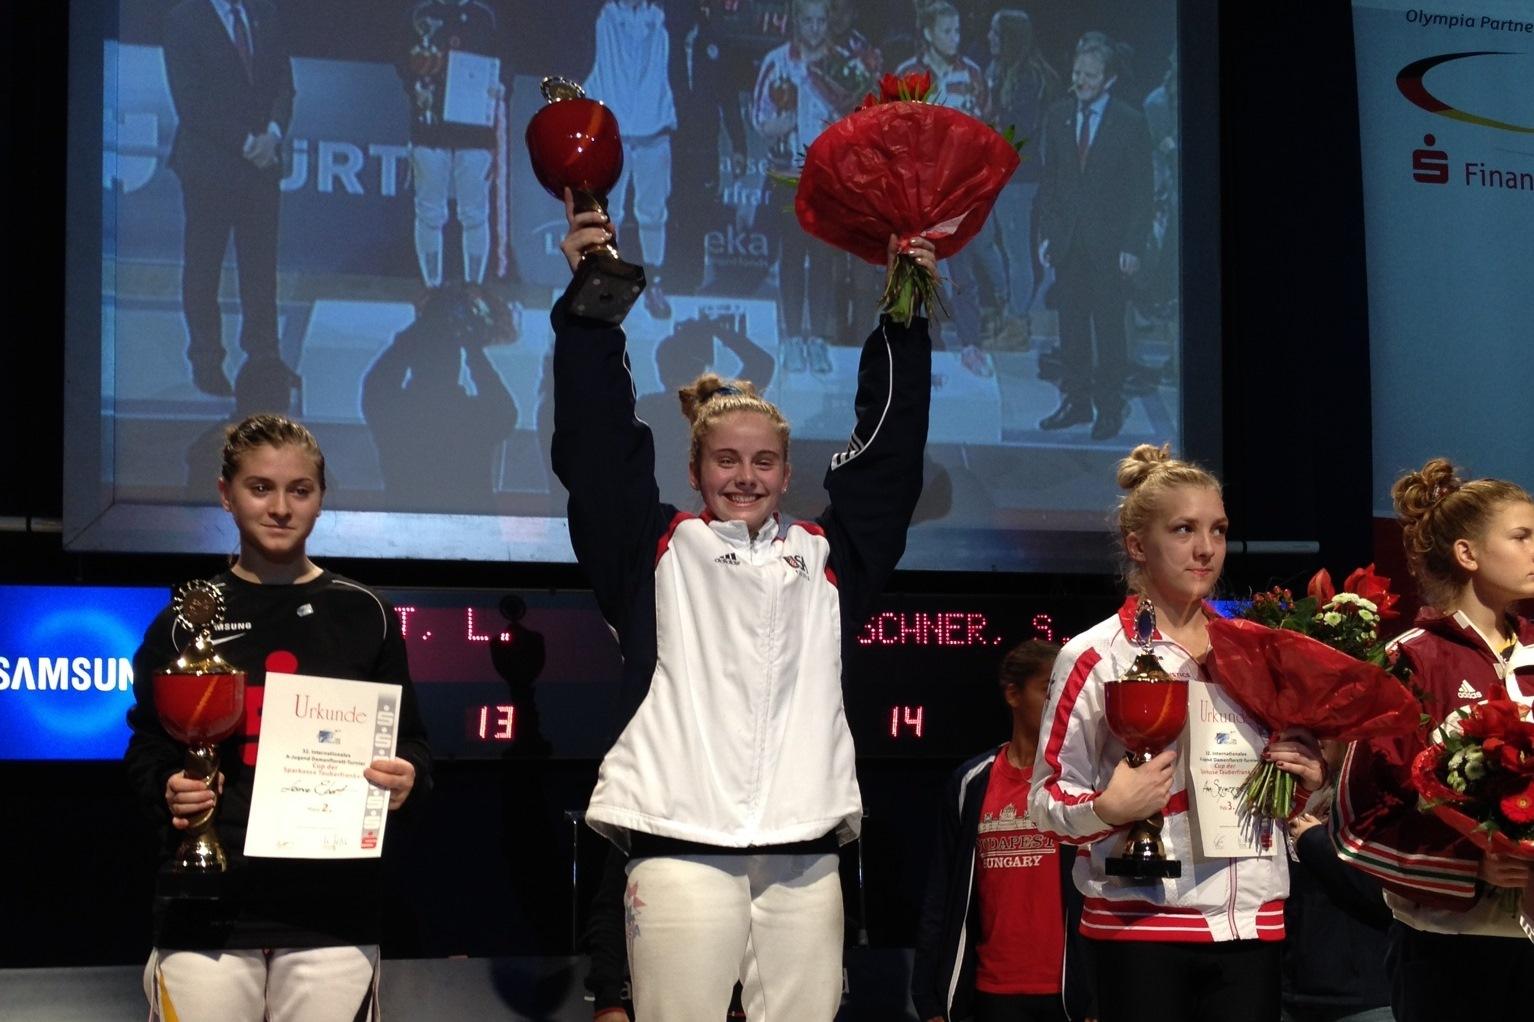 Stefani Deschner Wins Foil Gold In Tauber